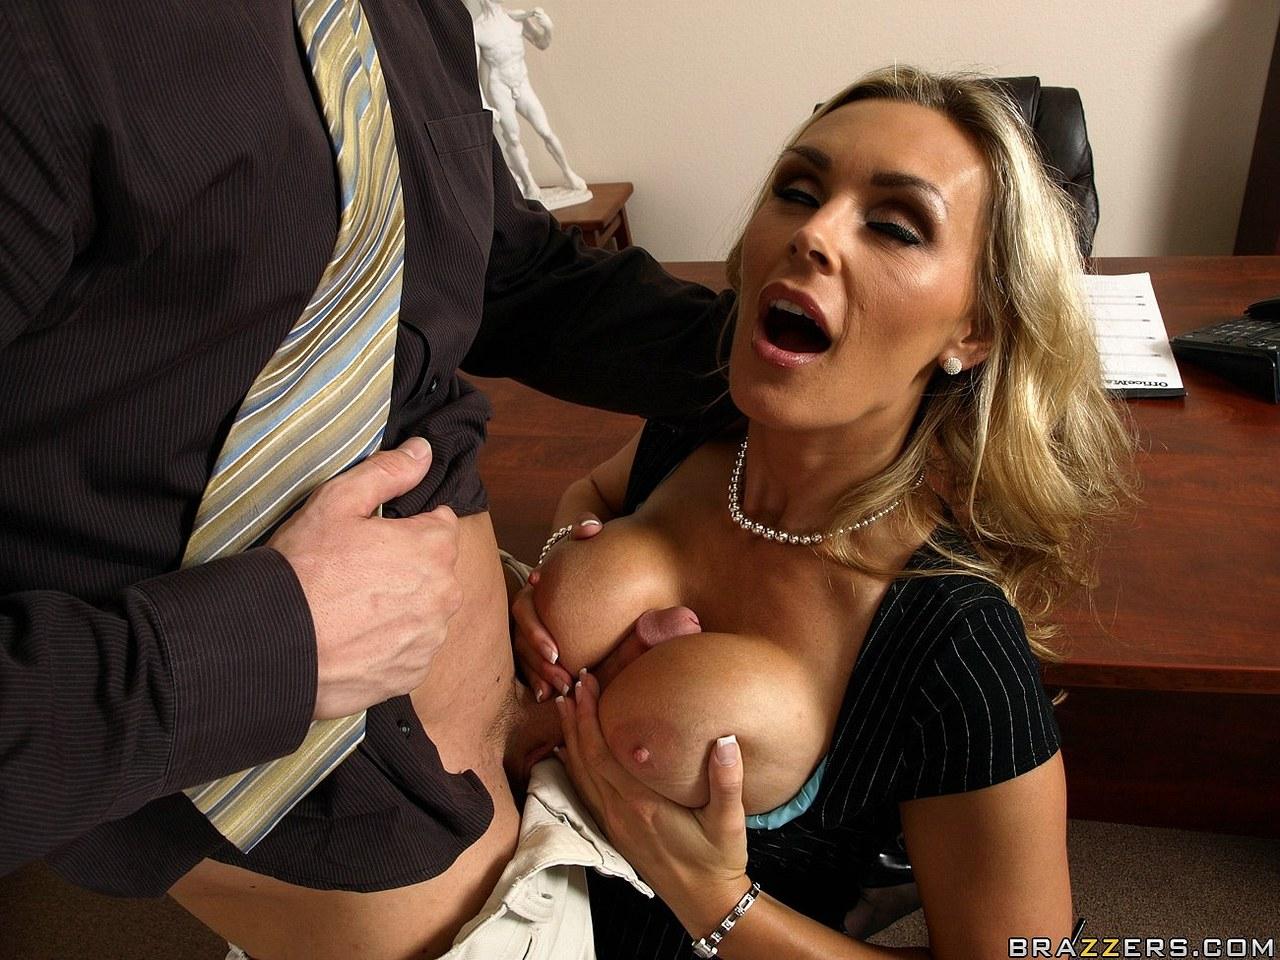 Полюбила именно своего коллегу по работе » Порно онлайн ...